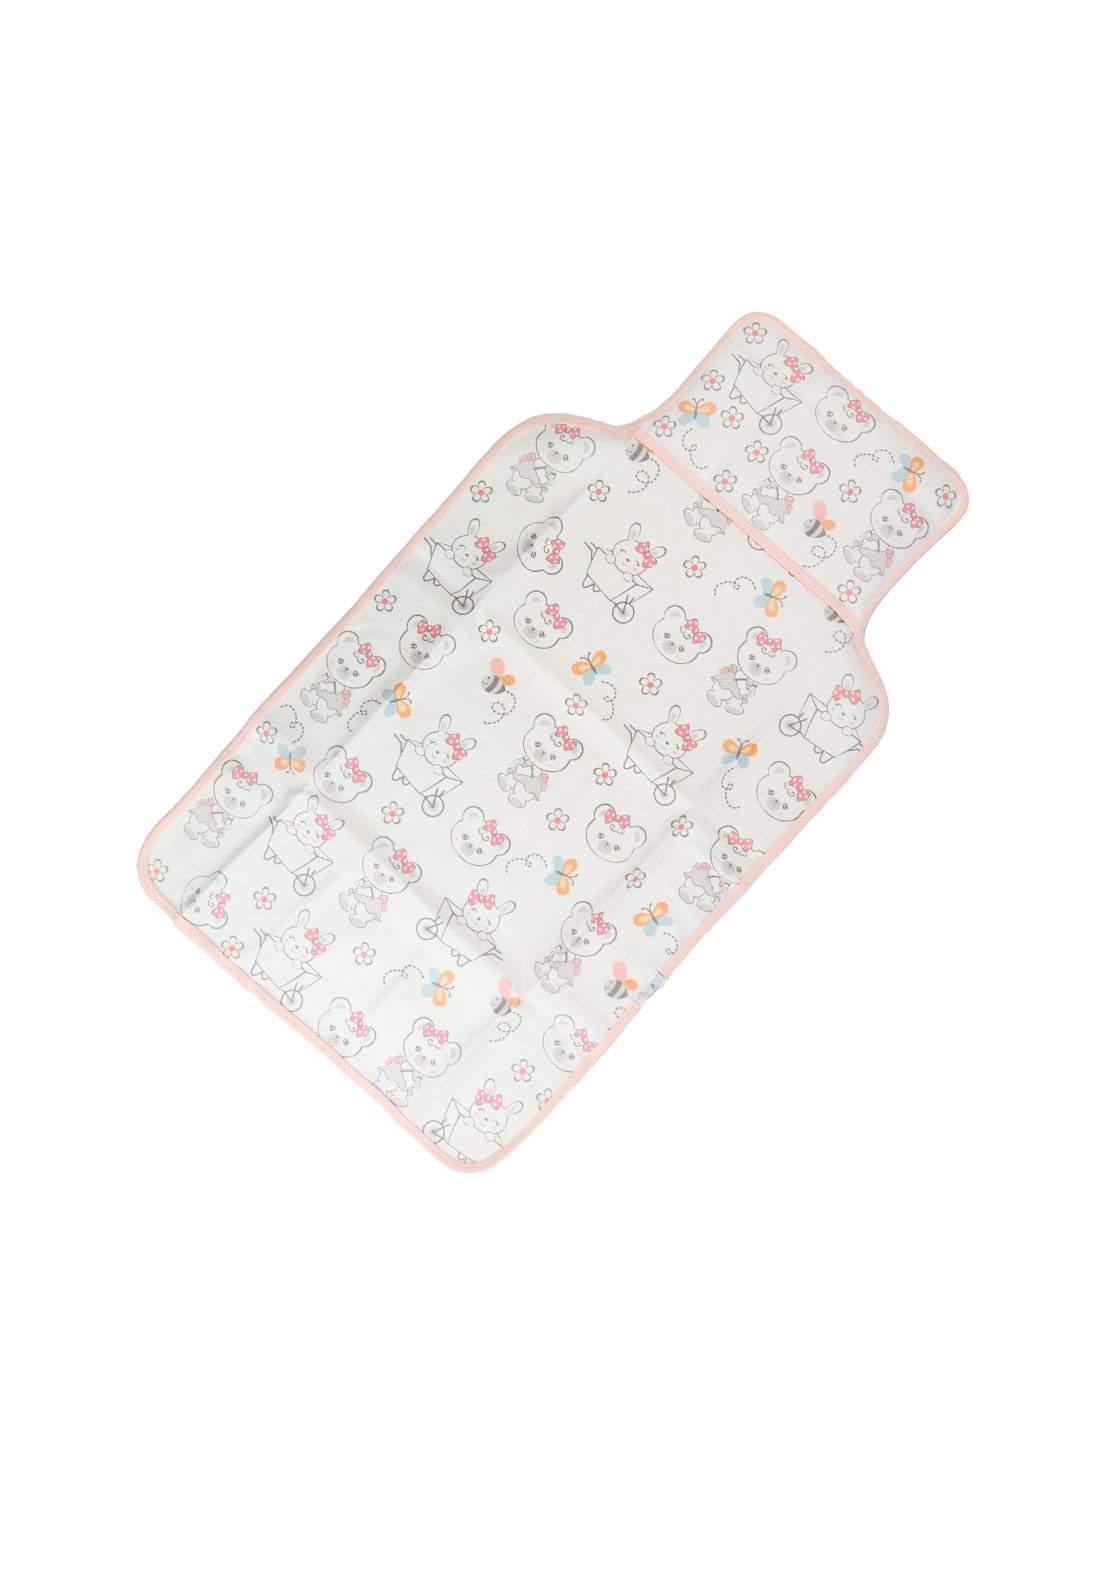 سرير للاطفال حديثي الولادة ابيض اللون 6003